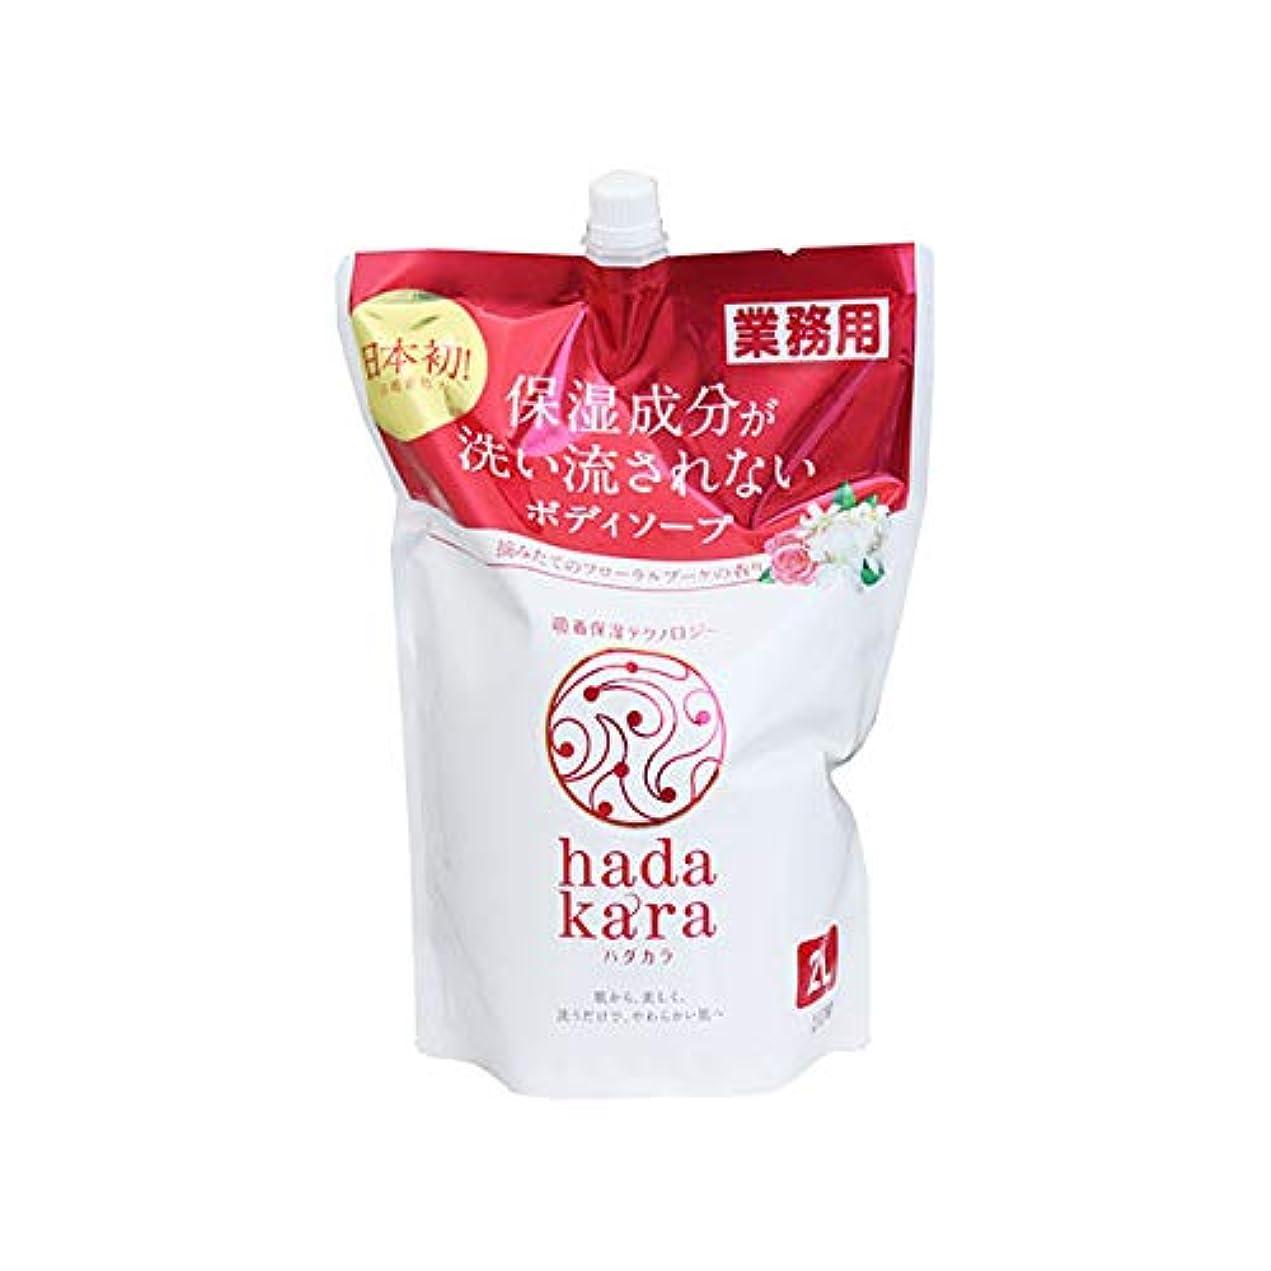 世界しないでくださいドロップ業務用 ボディーソープ ハダカラ hadakara ボディソープ フローラルブーケの香り 2LX6本 ライオン